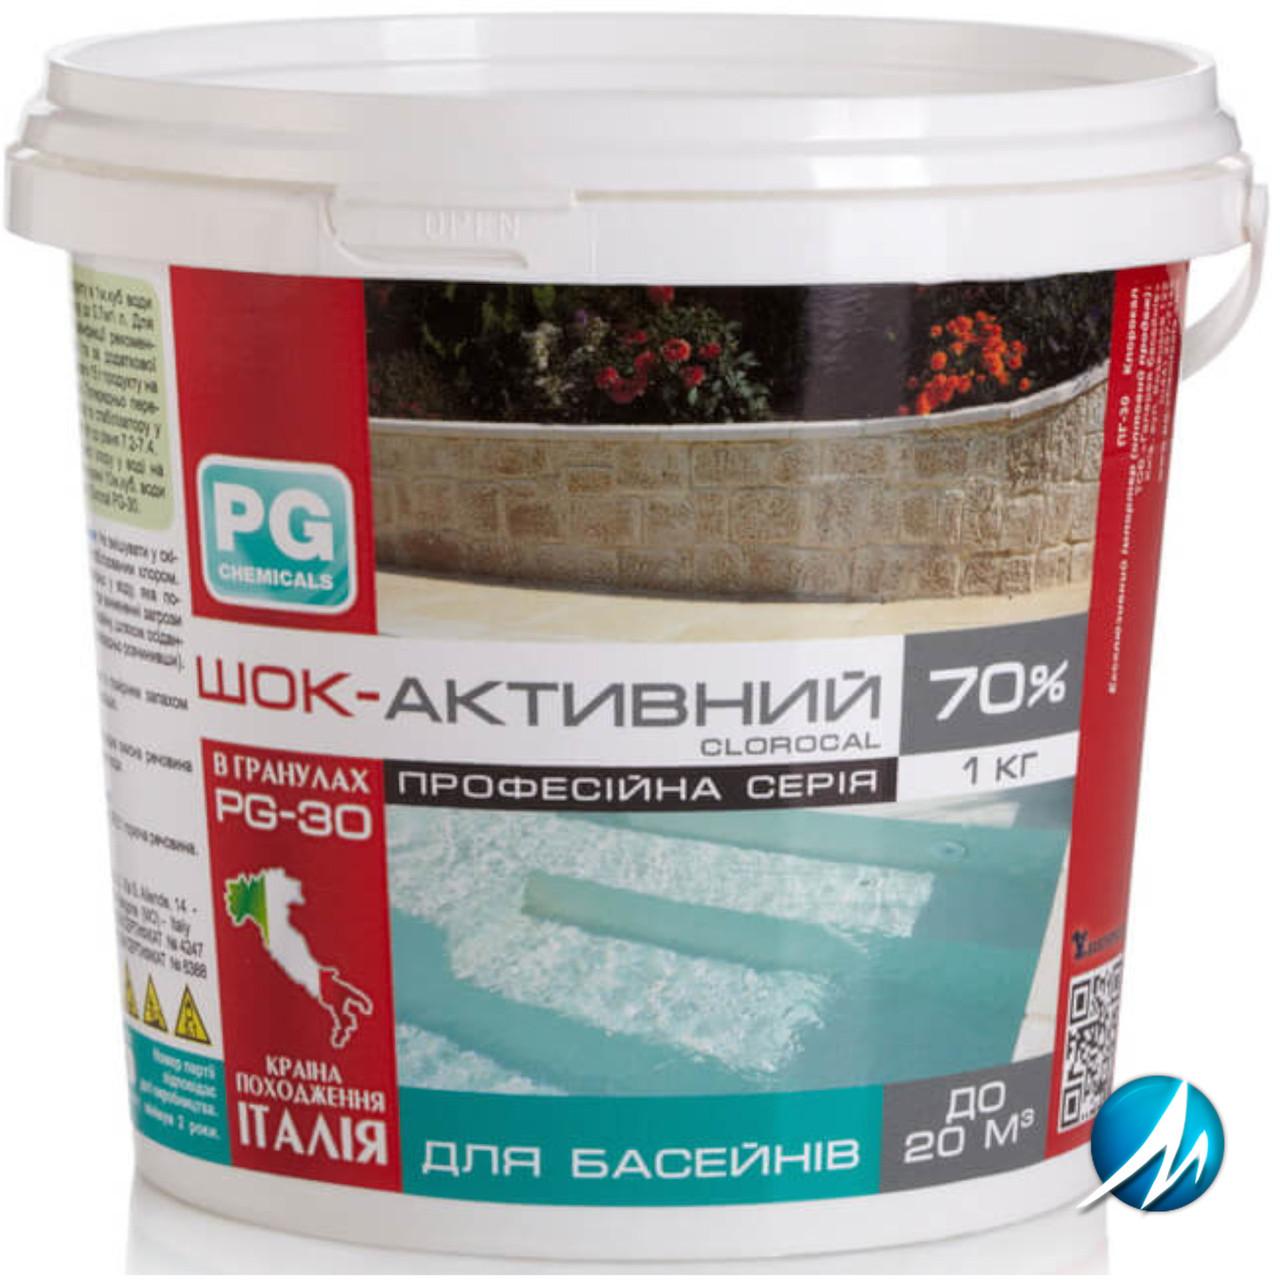 Хлор шок активный 70% в гранулах Clorocal без стабилизатора, 1 кг